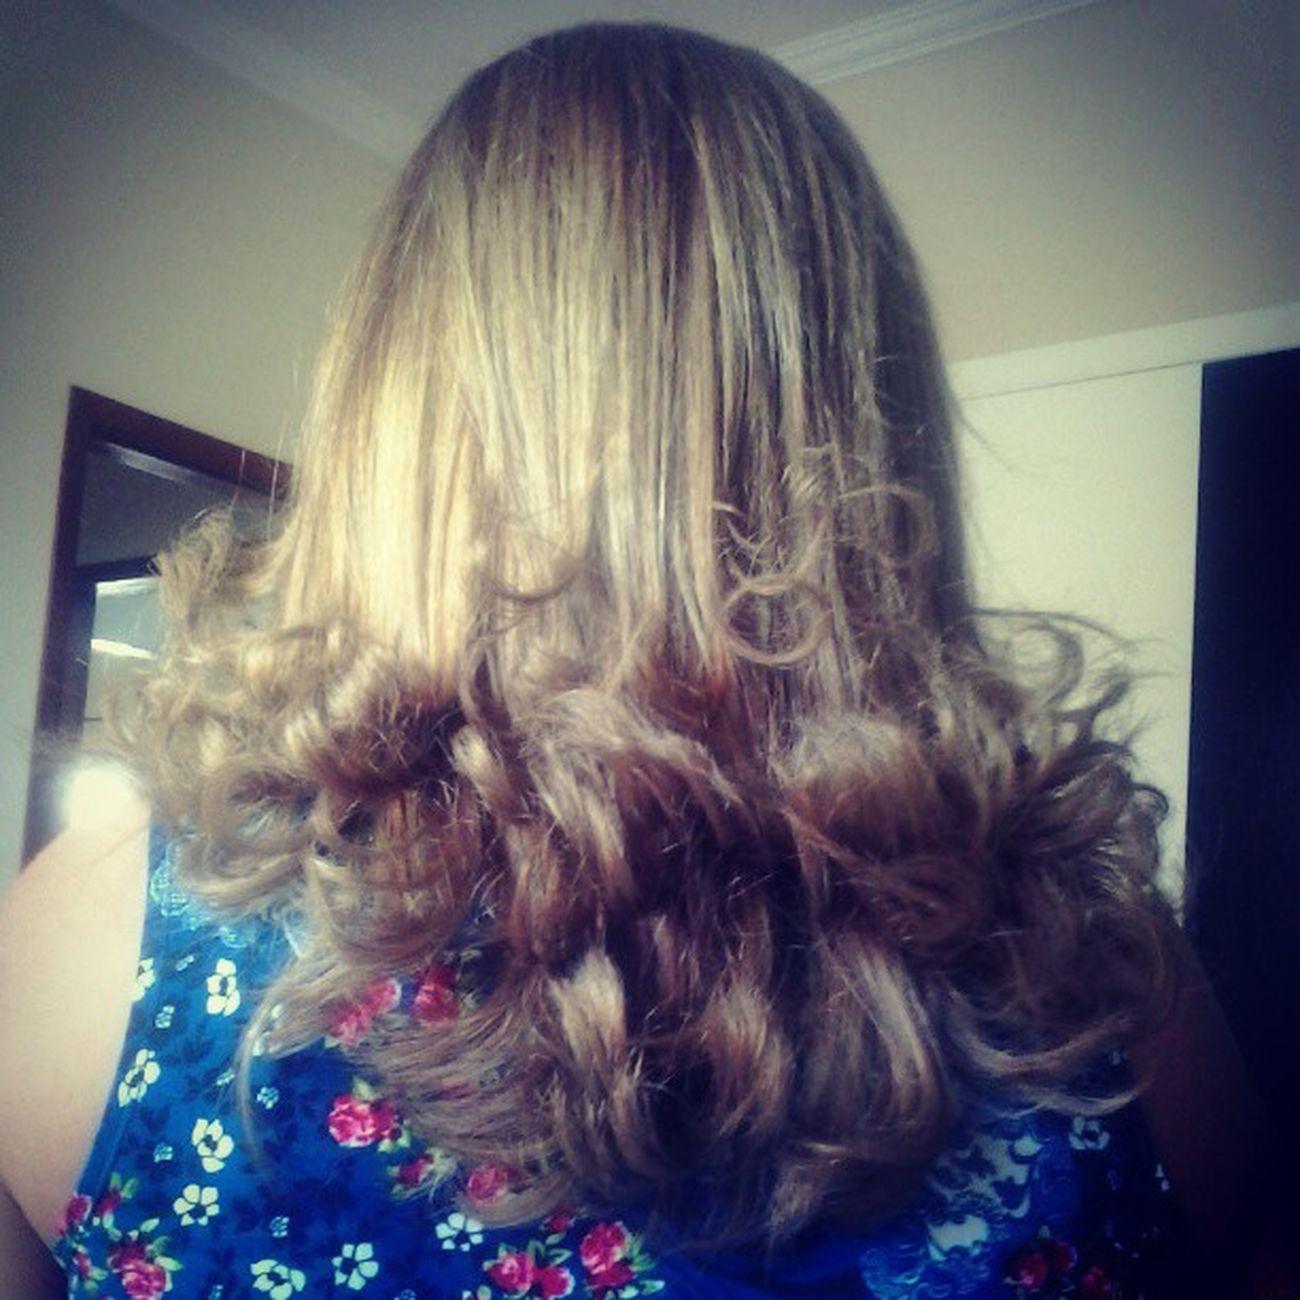 Obra de @karlaeadelson nos cabelos da gravida mais linda do mundo, Mainha Hair Top Instahappy *00*